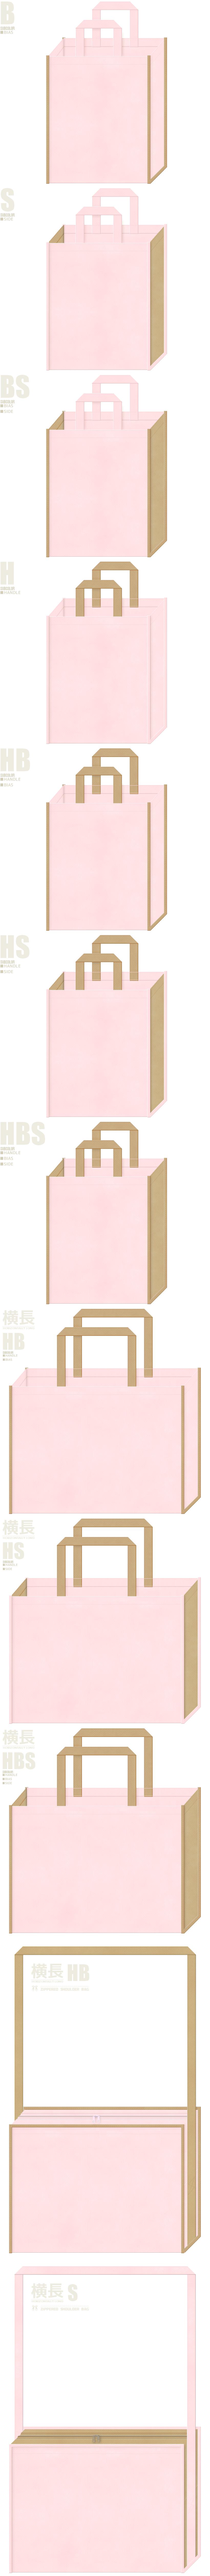 桜色とカーキ色、7パターンの不織布トートバッグ配色デザイン例。girlyな不織布バッグにお奨めです。